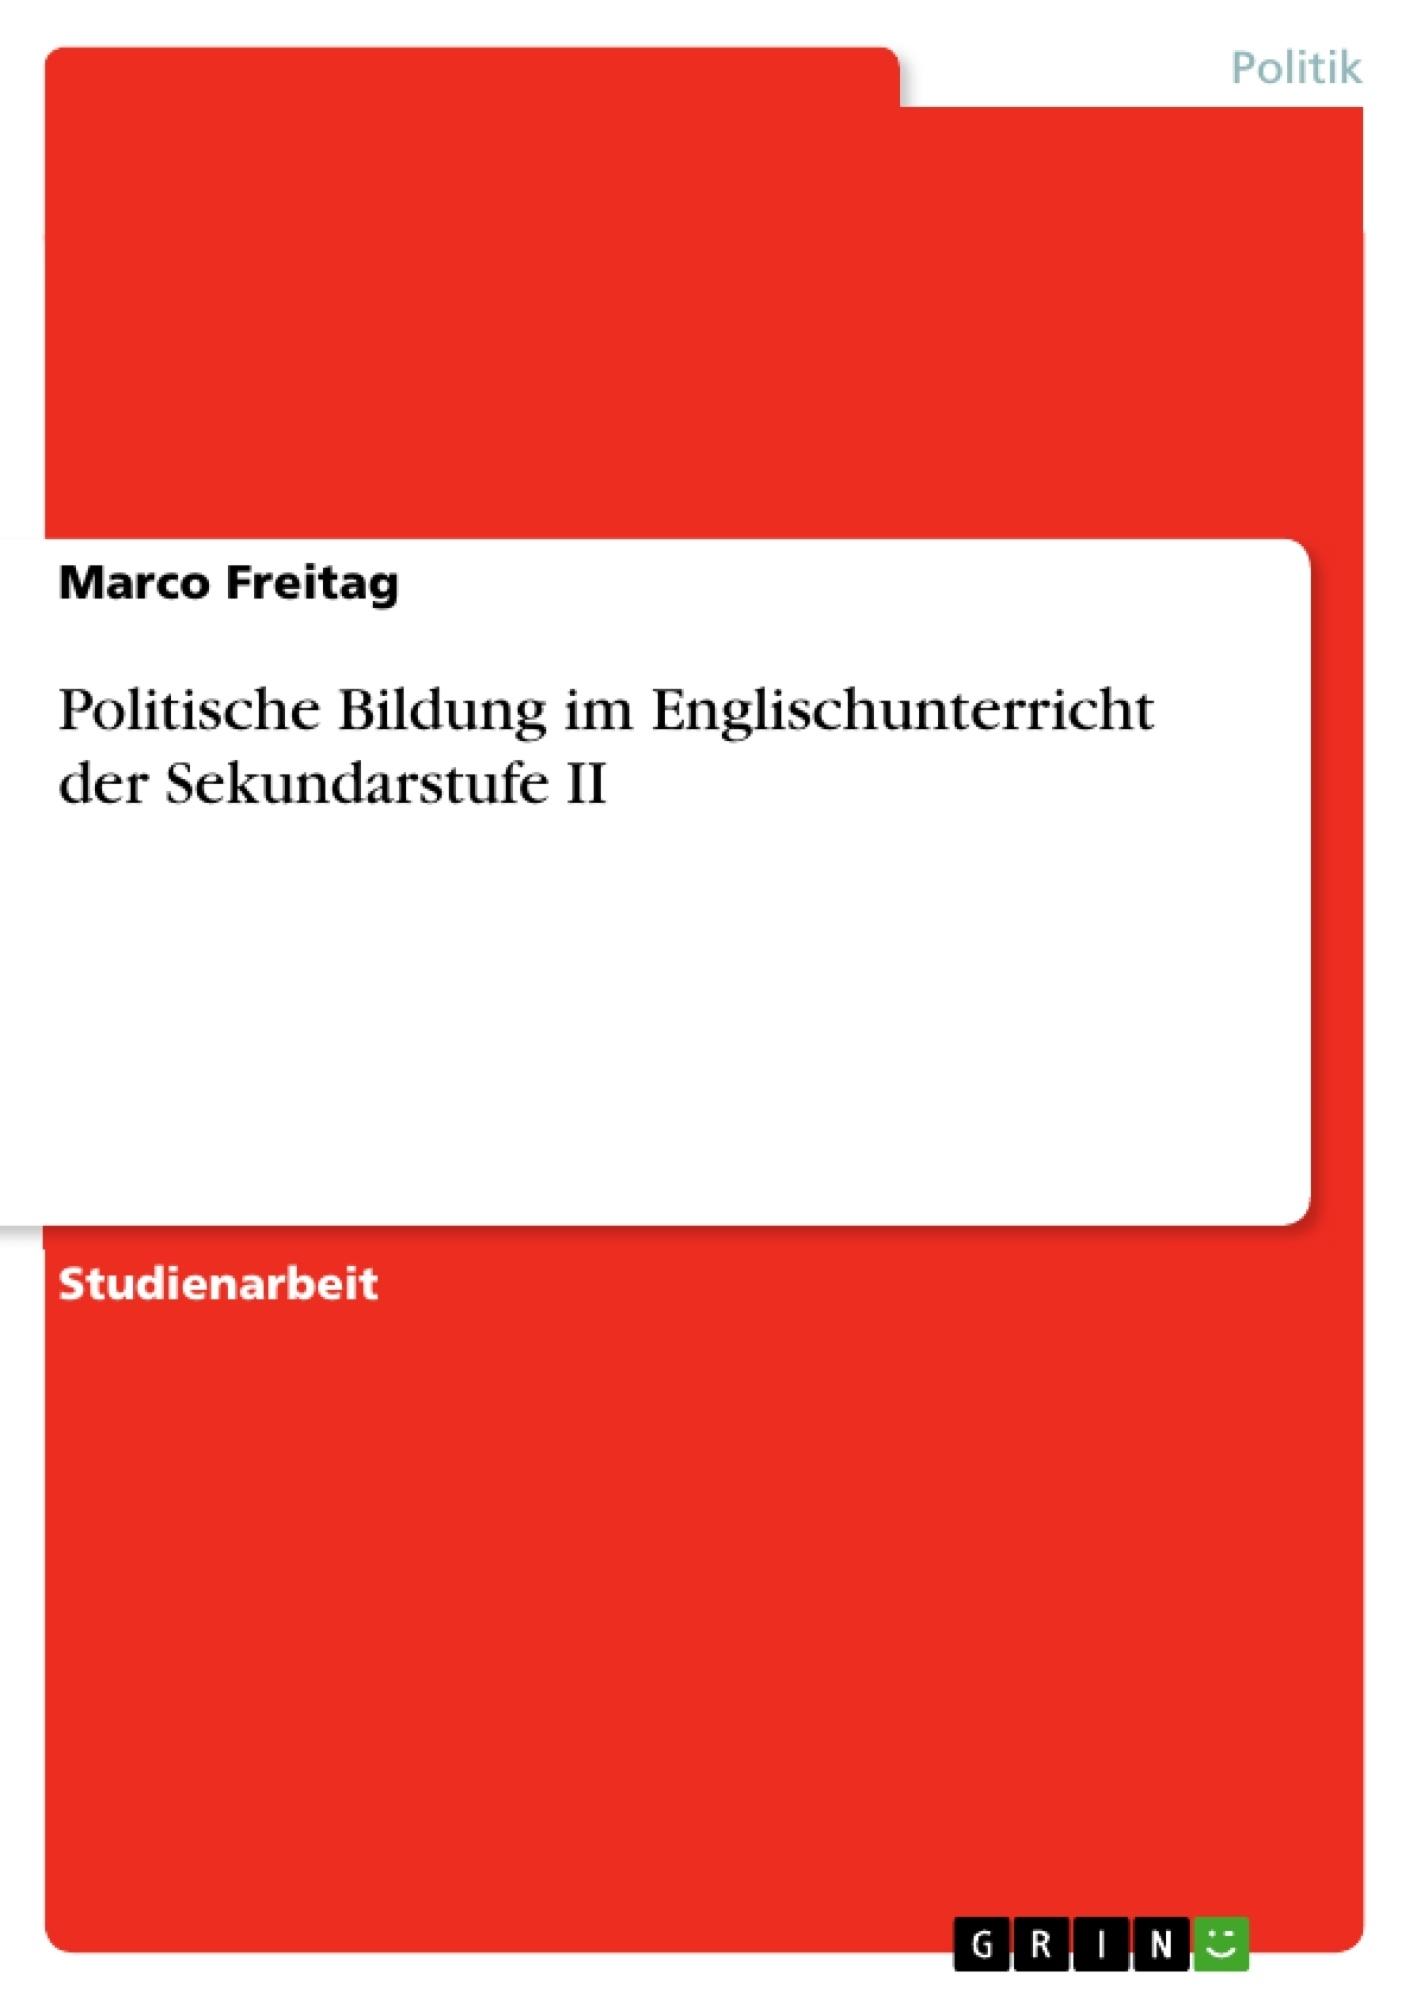 Titel: Politische Bildung im Englischunterricht der Sekundarstufe II